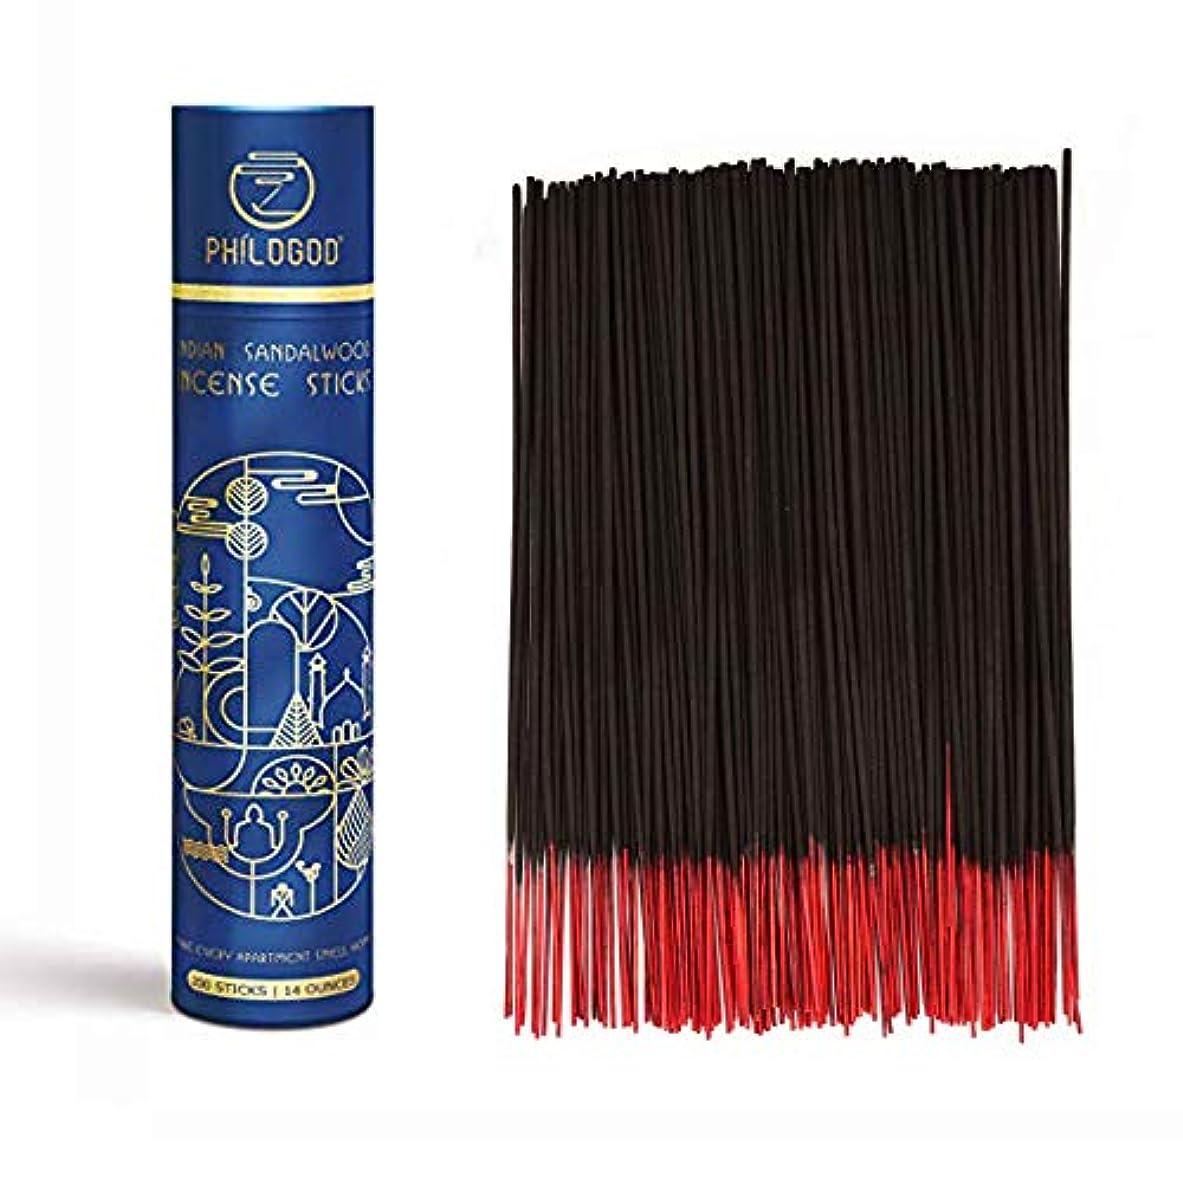 ソフィー暴動チューリップ上質なインドお香スティック 手作り 100%ナチュラル 長続く線香 ヨガ瞑想 200本入れ (オリエンタル系)